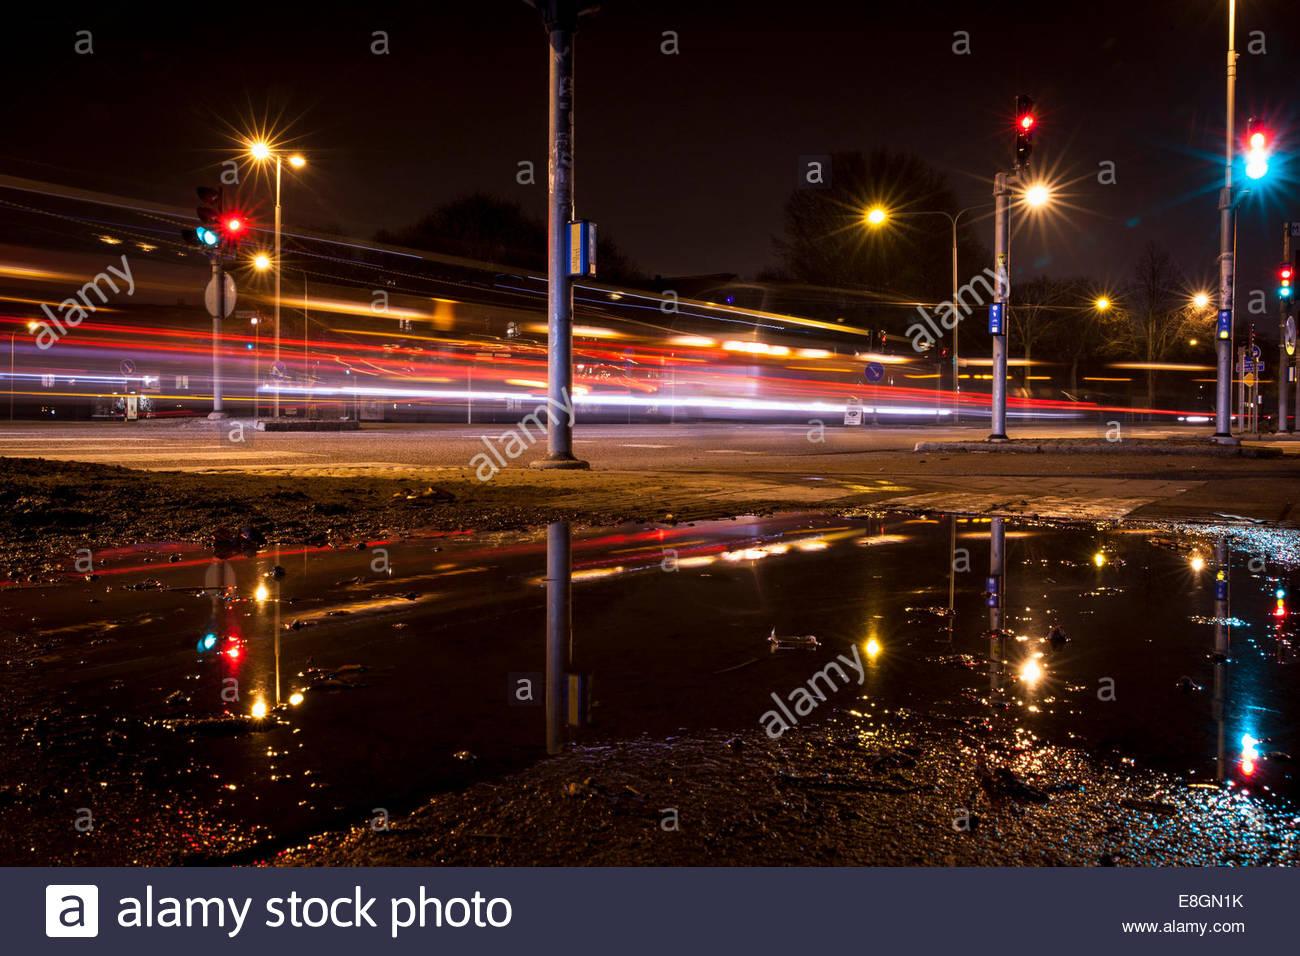 Sentiers de feux de circulation sur la rue la nuit Photo Stock